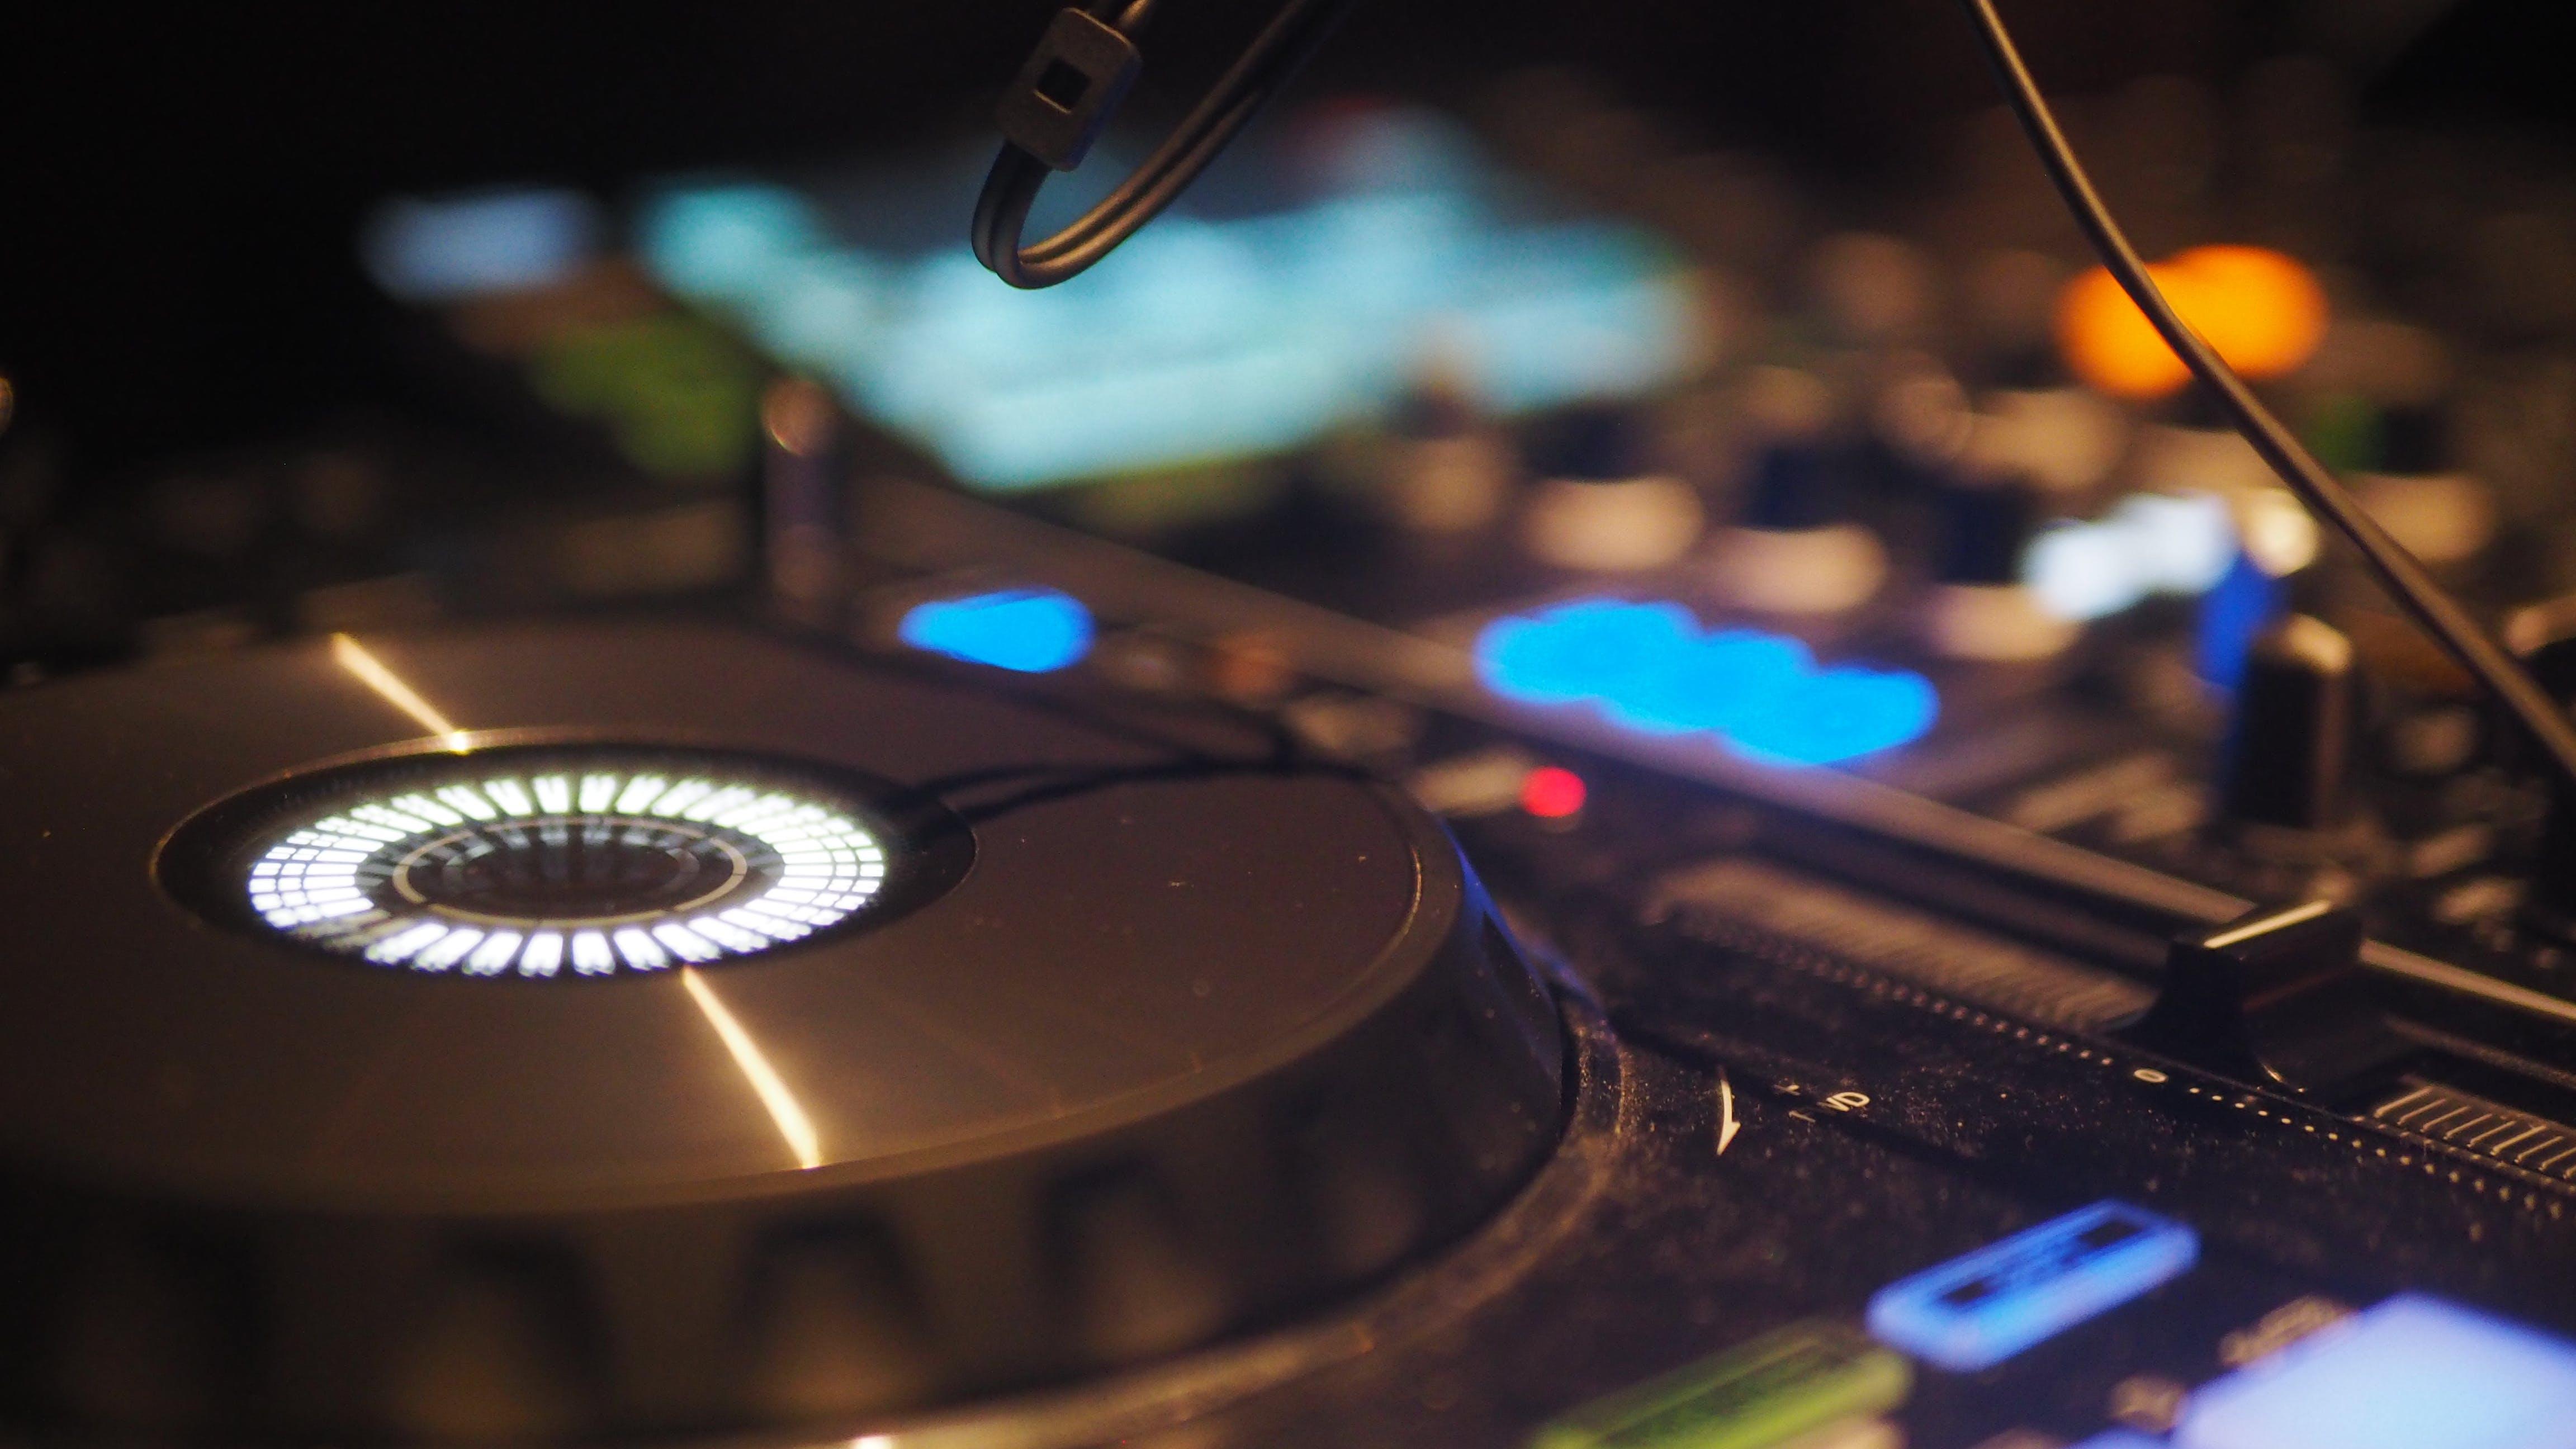 Free stock photo of decks, dj, dj decks, DJ Mixer